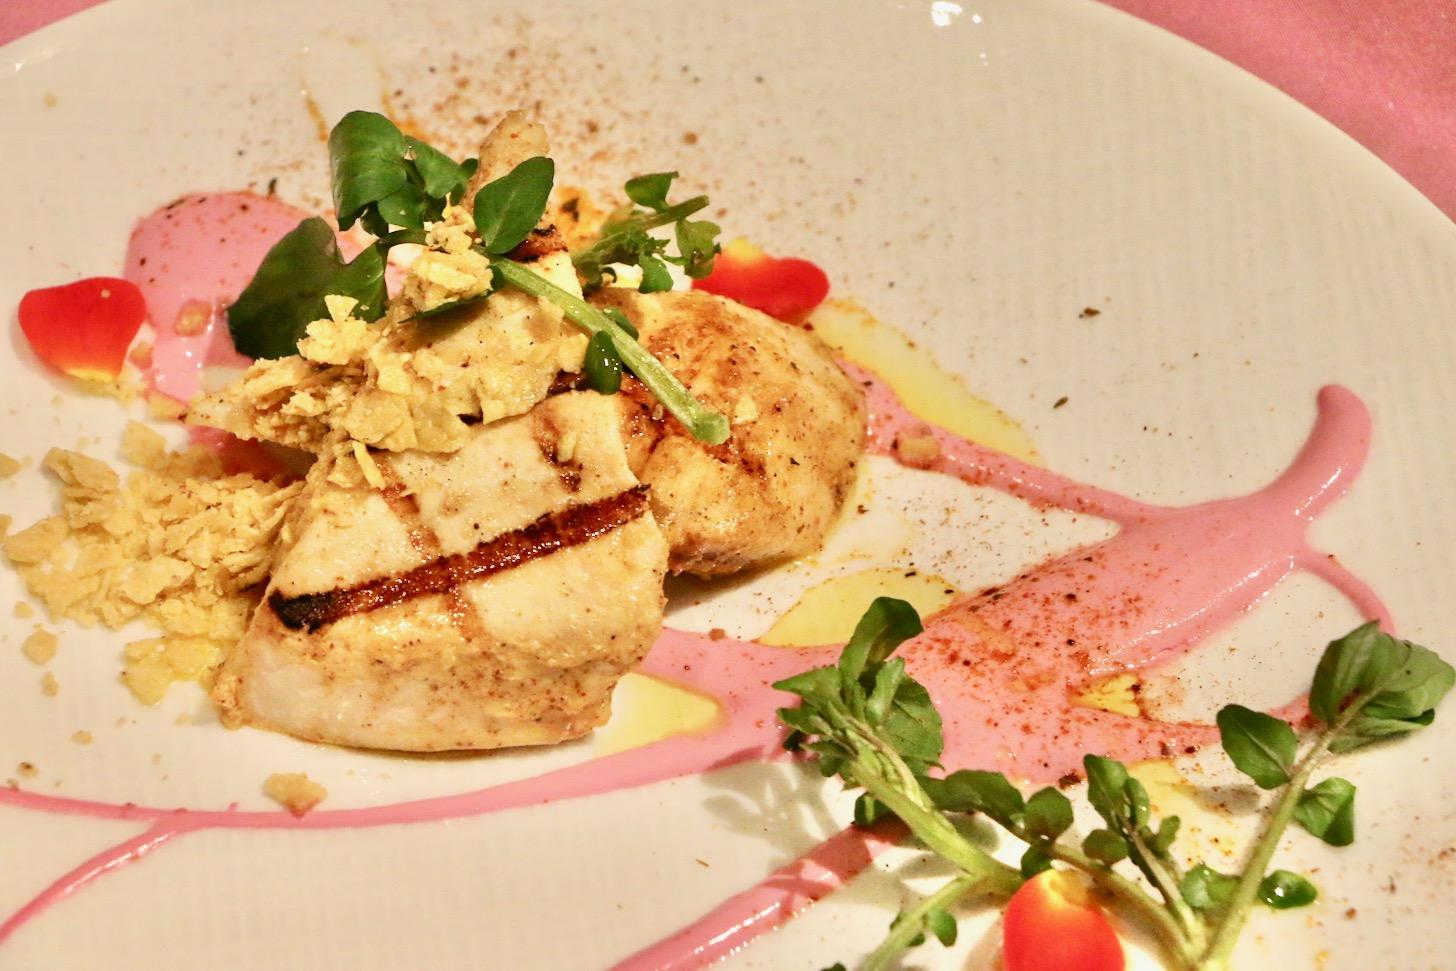 お魚:スパイスが効いたメカジキのグリル 情熱的なビーツヨーグルトソース添え